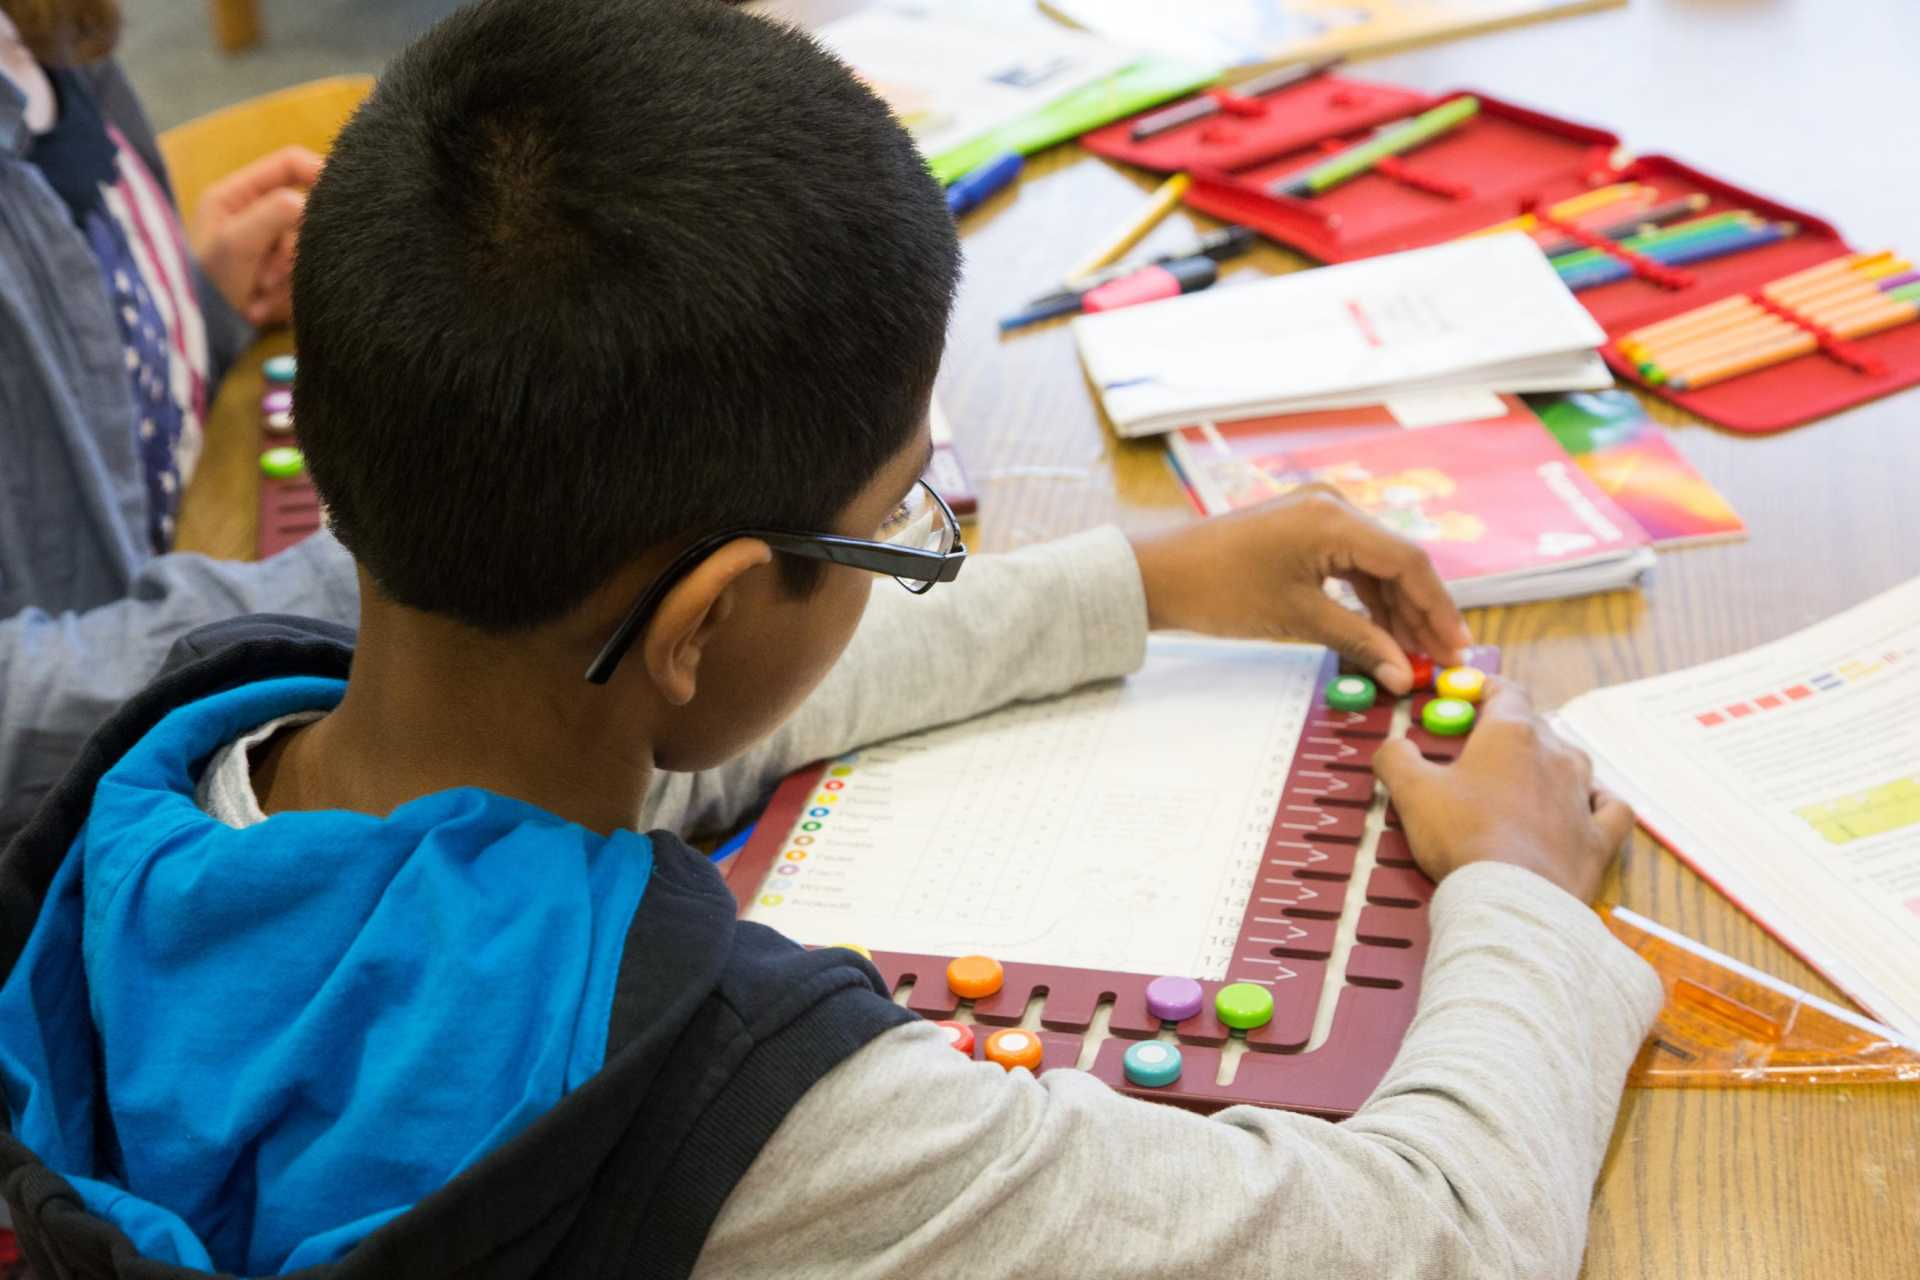 Intensivförderung für mehr Bildungsgerechtigkeit